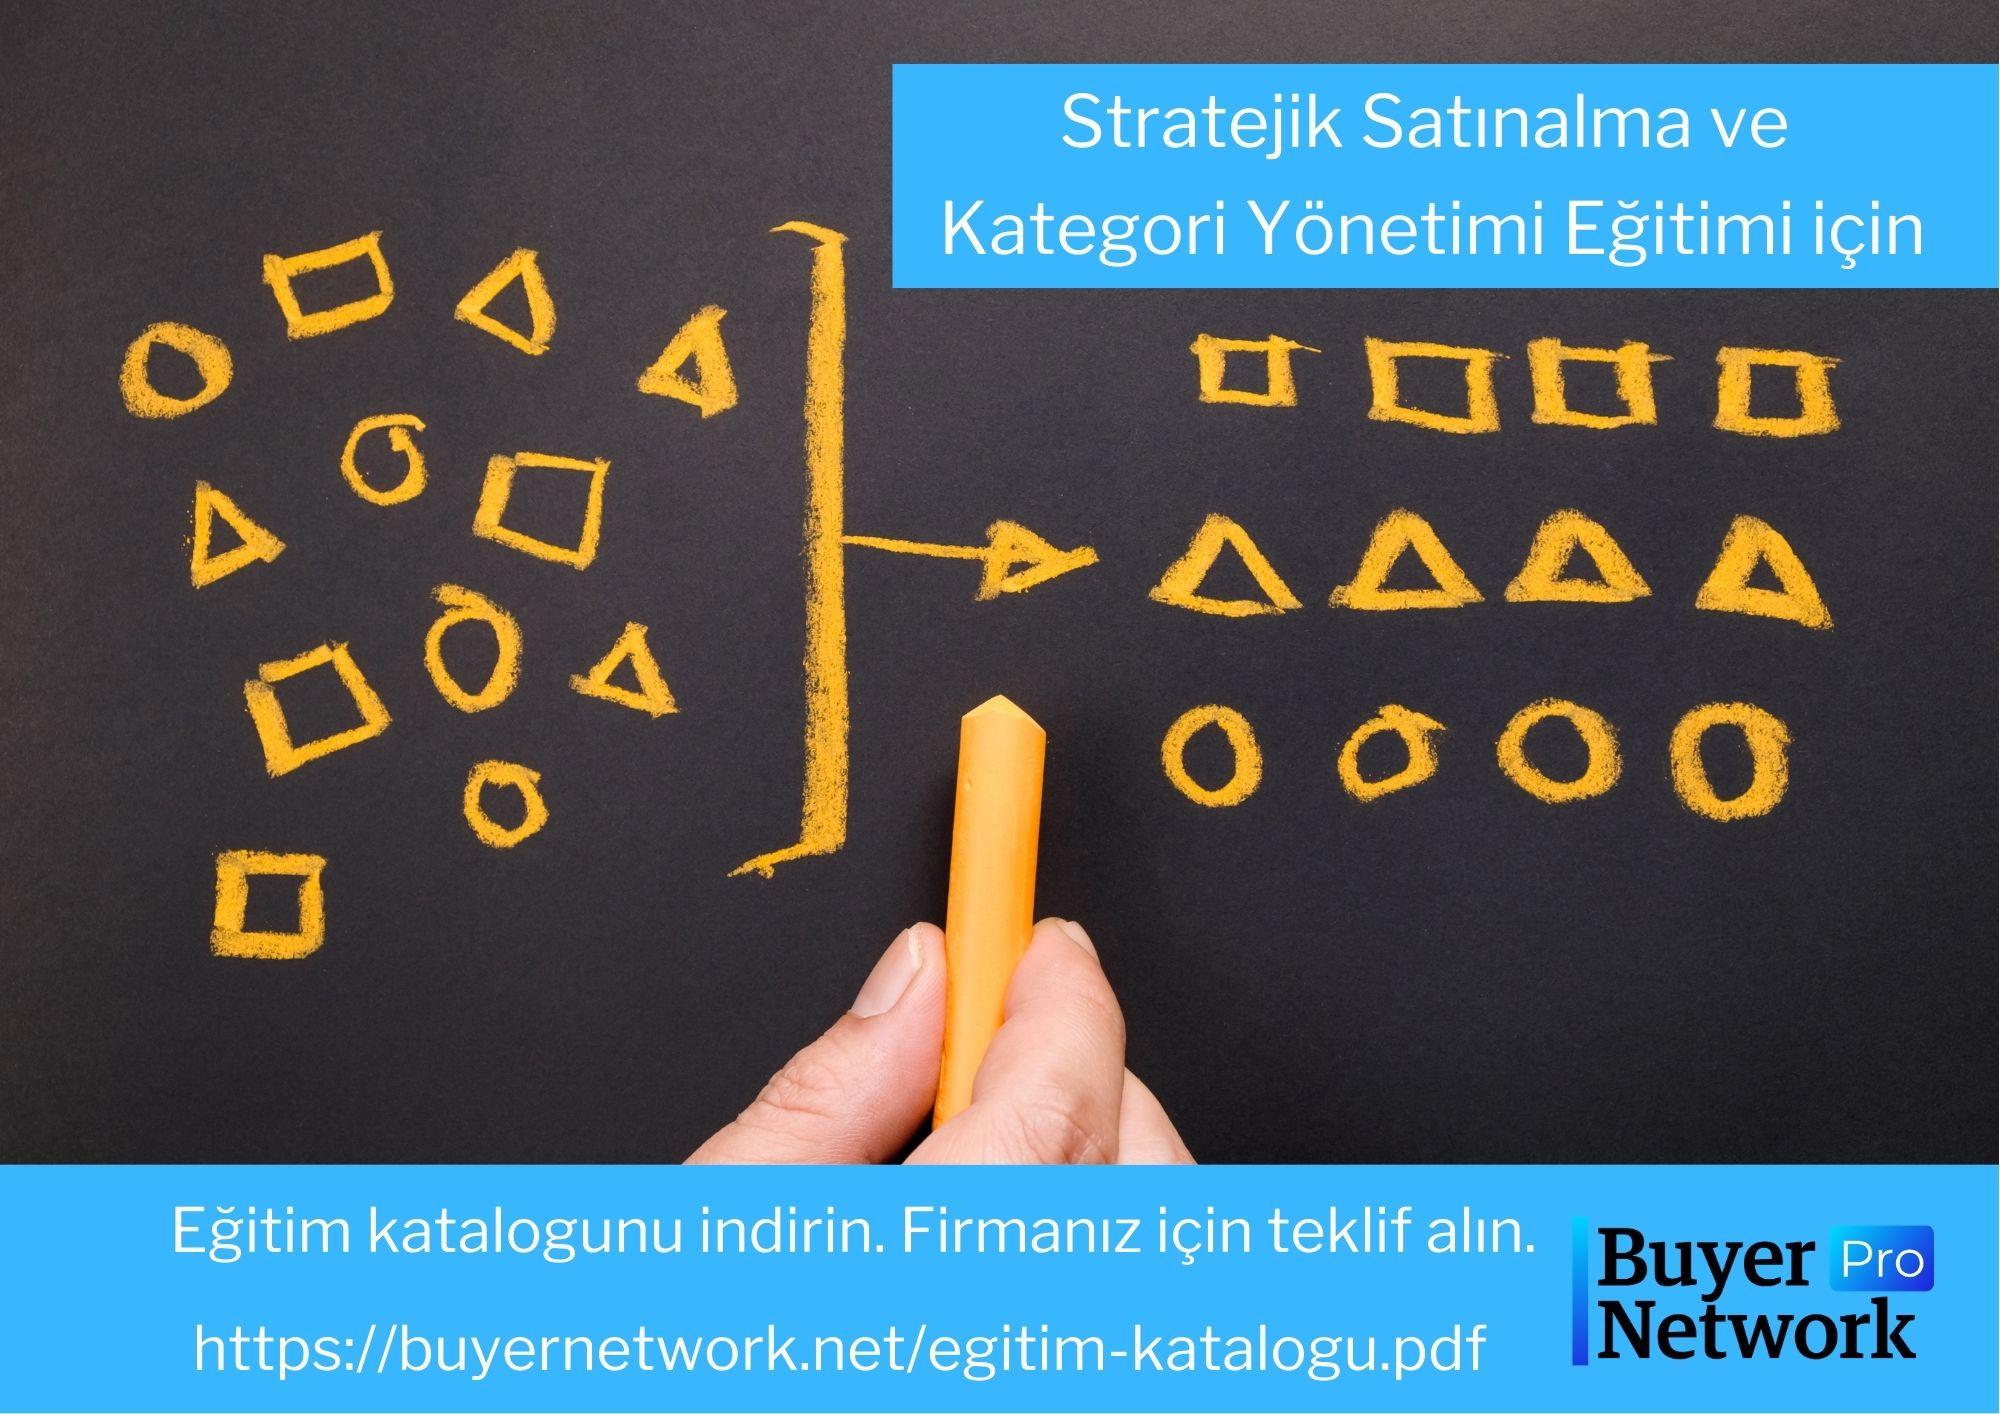 Stratejik Satınalma ve Kategori Yönetimi Eğitimi